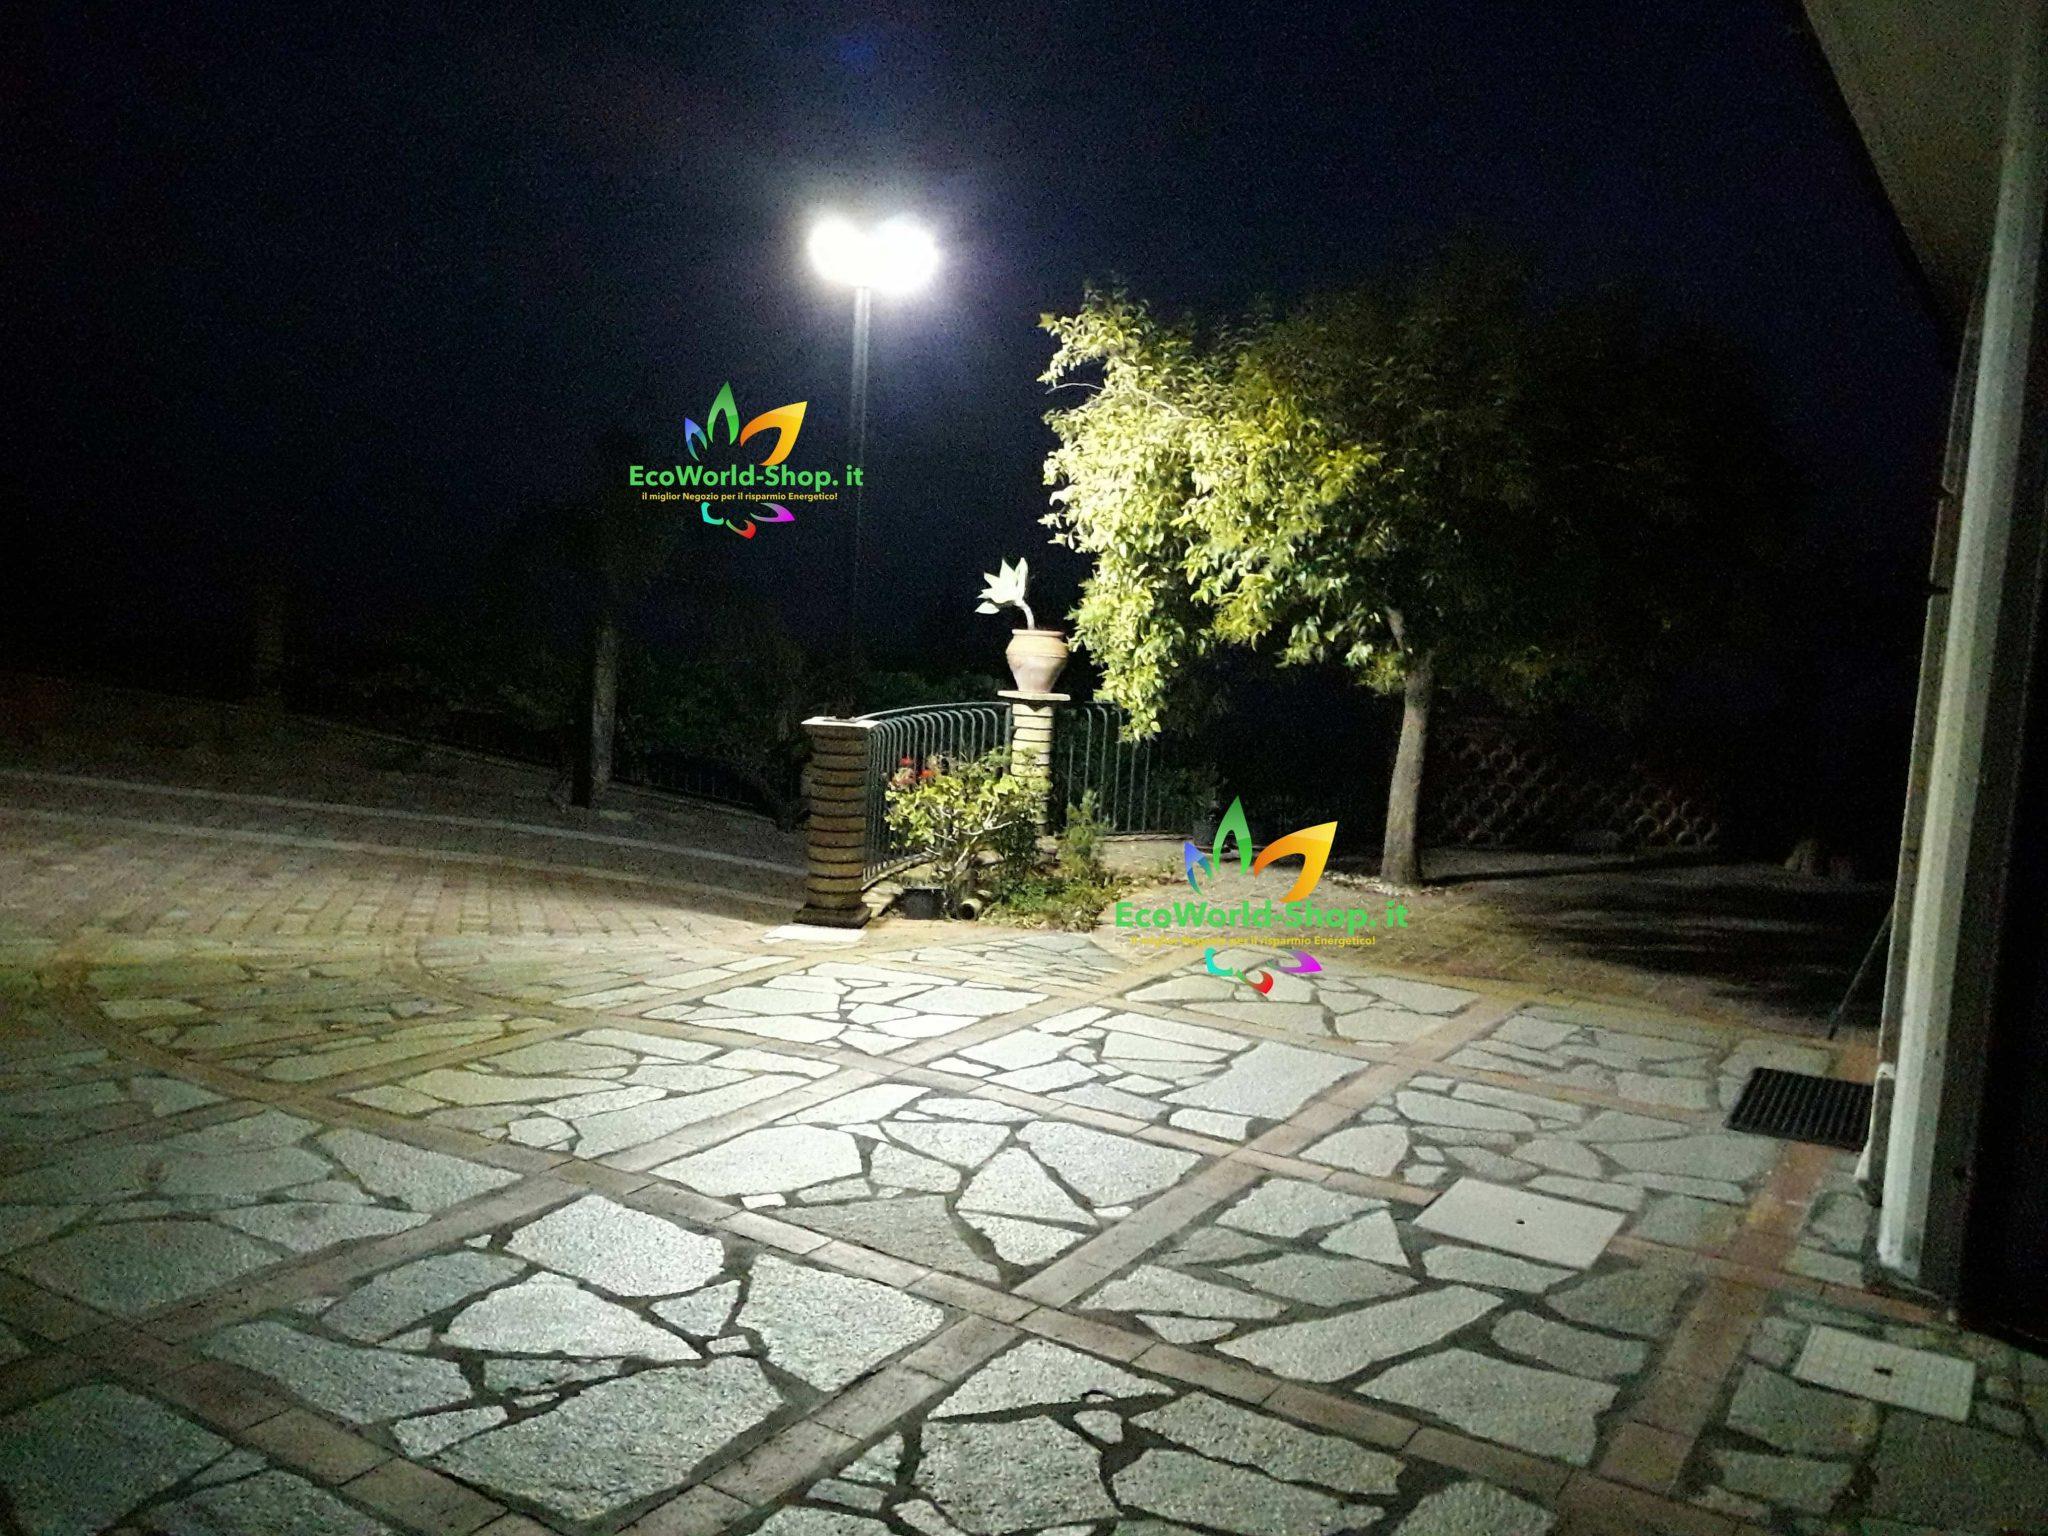 Plafoniere Per Lampioni Stradali : Lampione a led ad energia solare per esterno sfera ecoworld shop.it